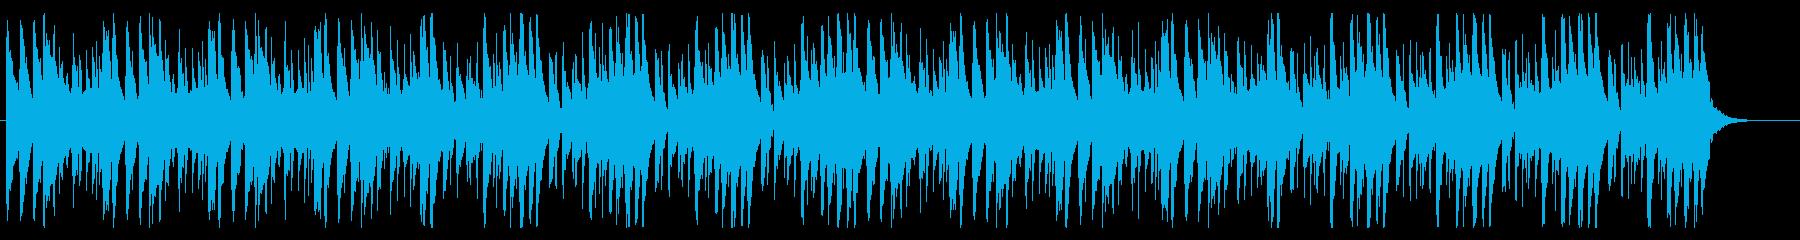 何かを狙っているときに流れるBGMの再生済みの波形